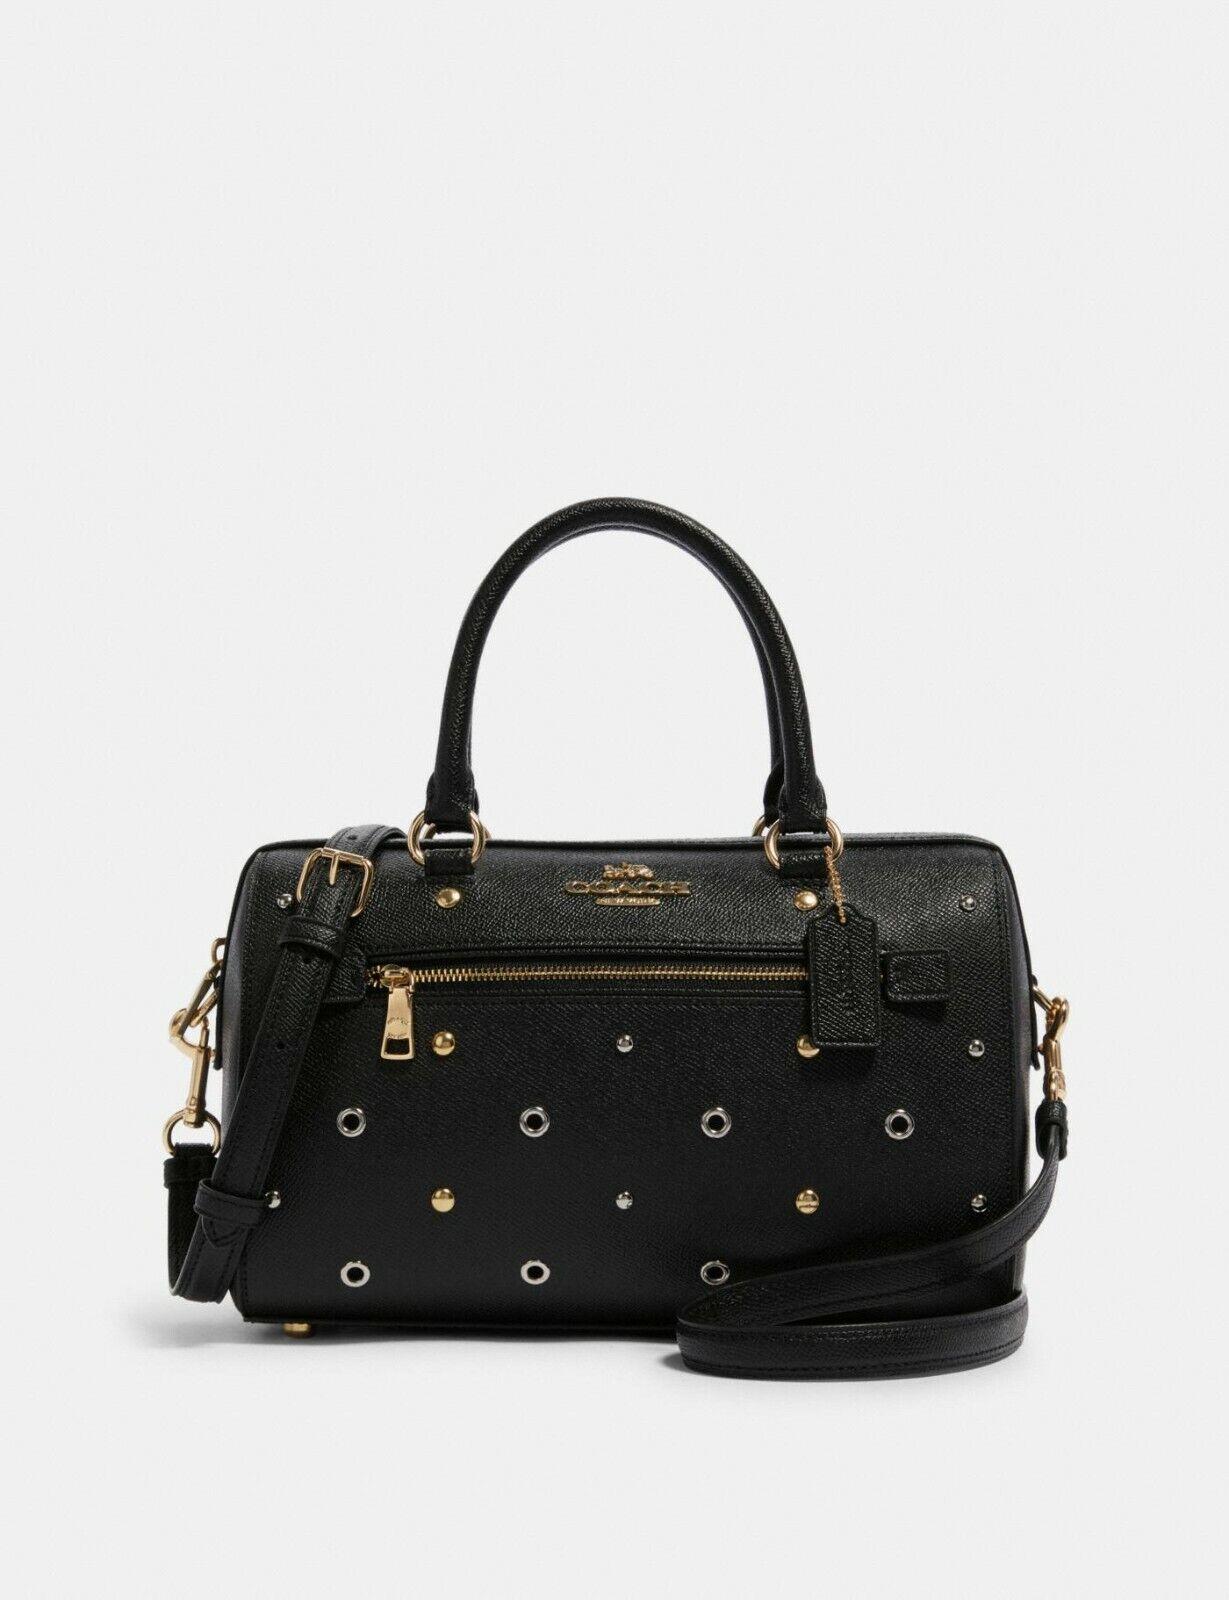 NWT Coach F82128 Leather Rowan Satchel Grommet Handbag Shoul